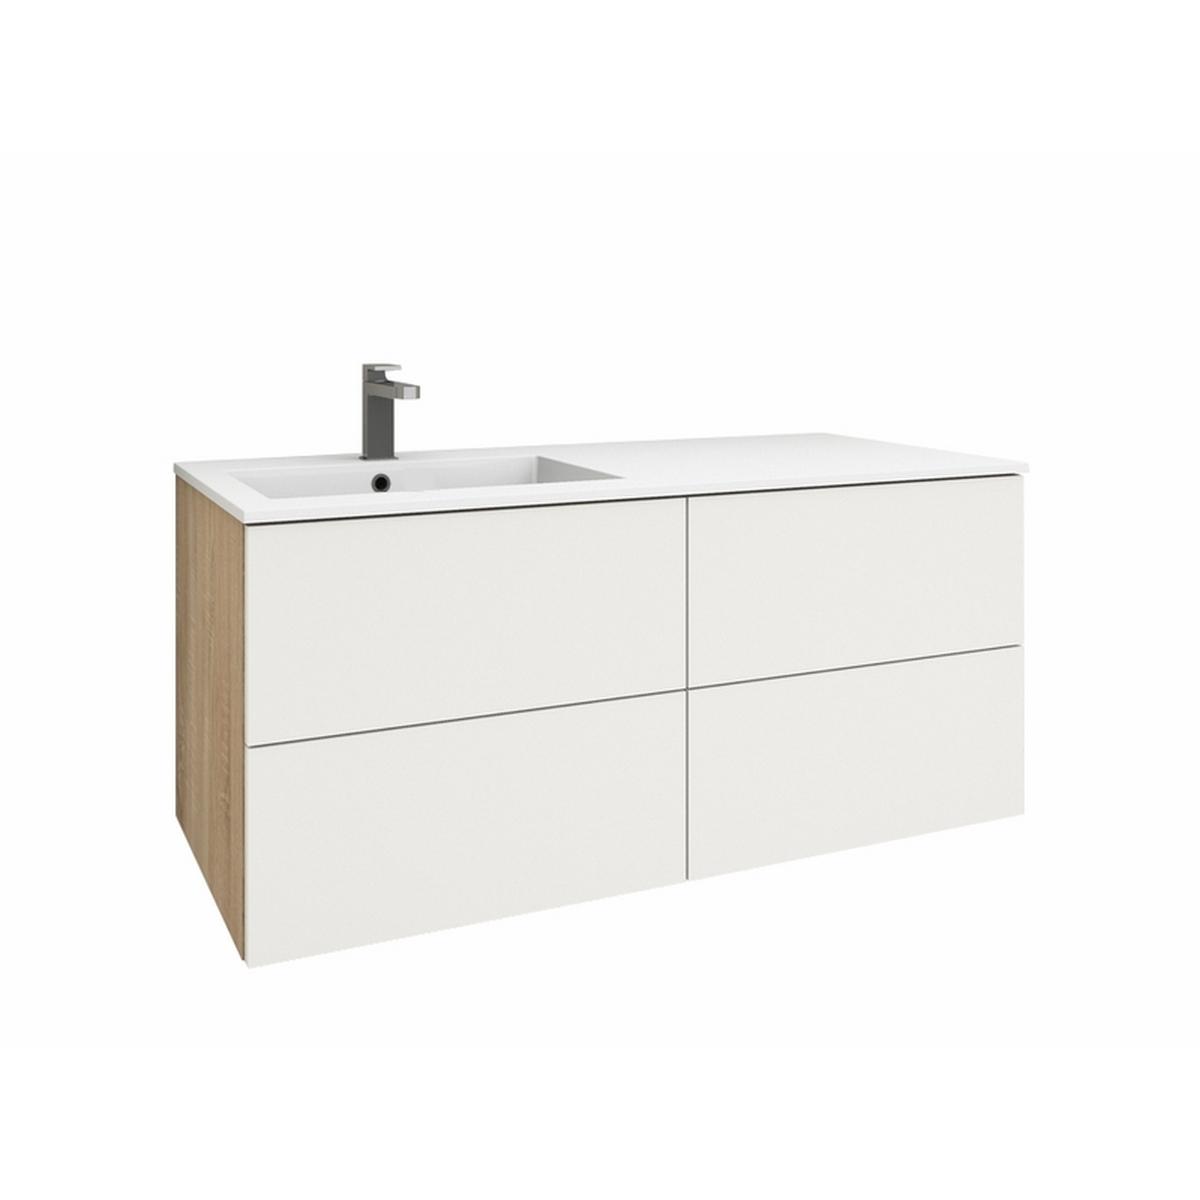 levanto 120l waschtisch set 2 schubladen 2 ausz ge. Black Bedroom Furniture Sets. Home Design Ideas